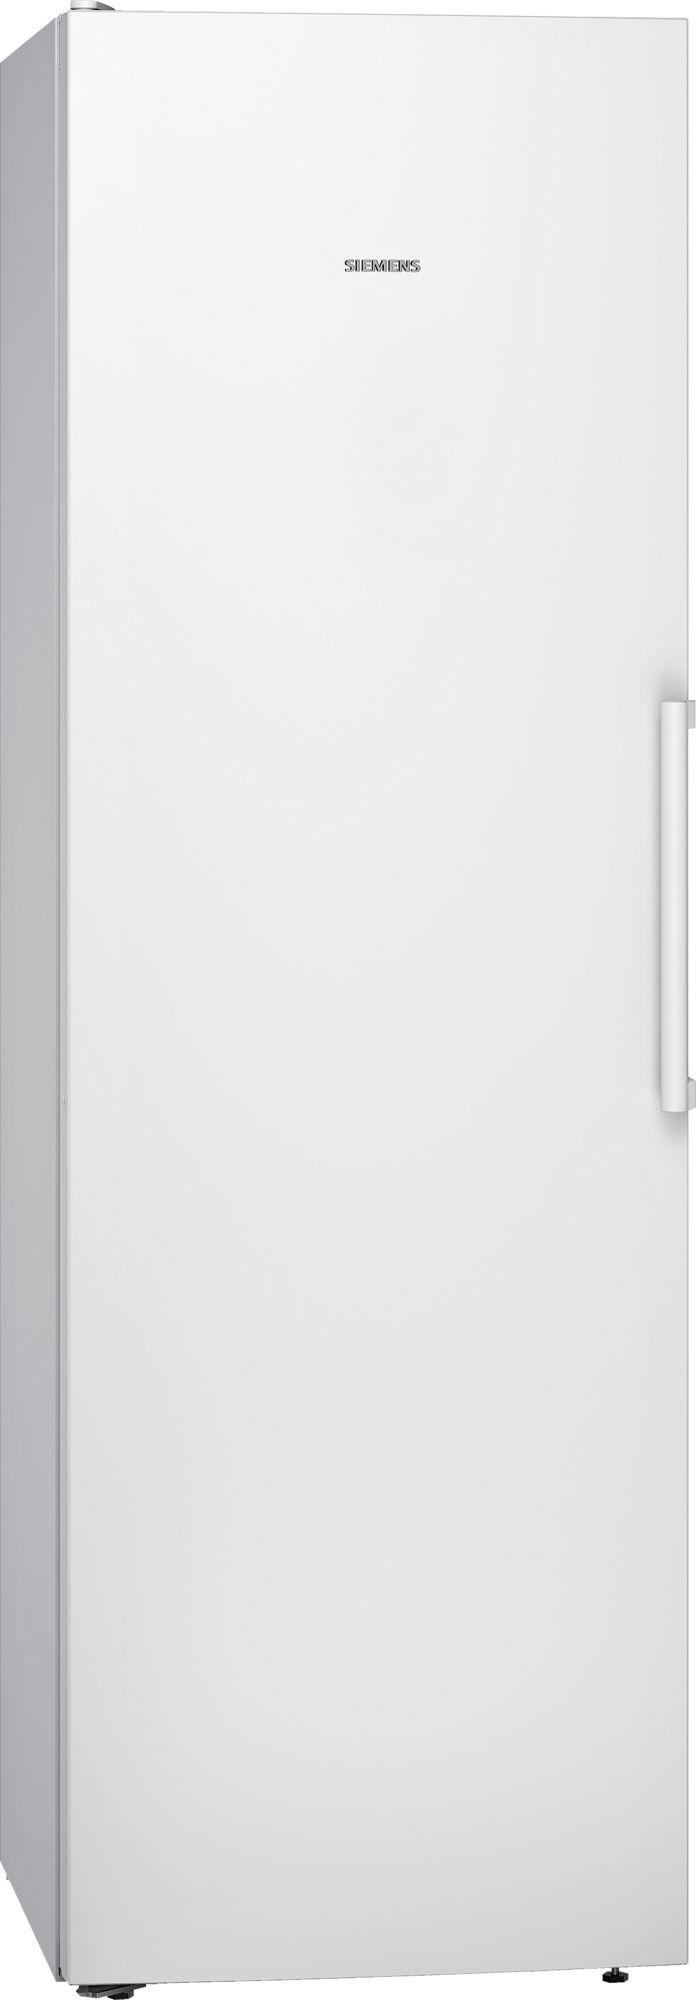 Siemens  iQ300 KS36VVW3P Upright Fridge White